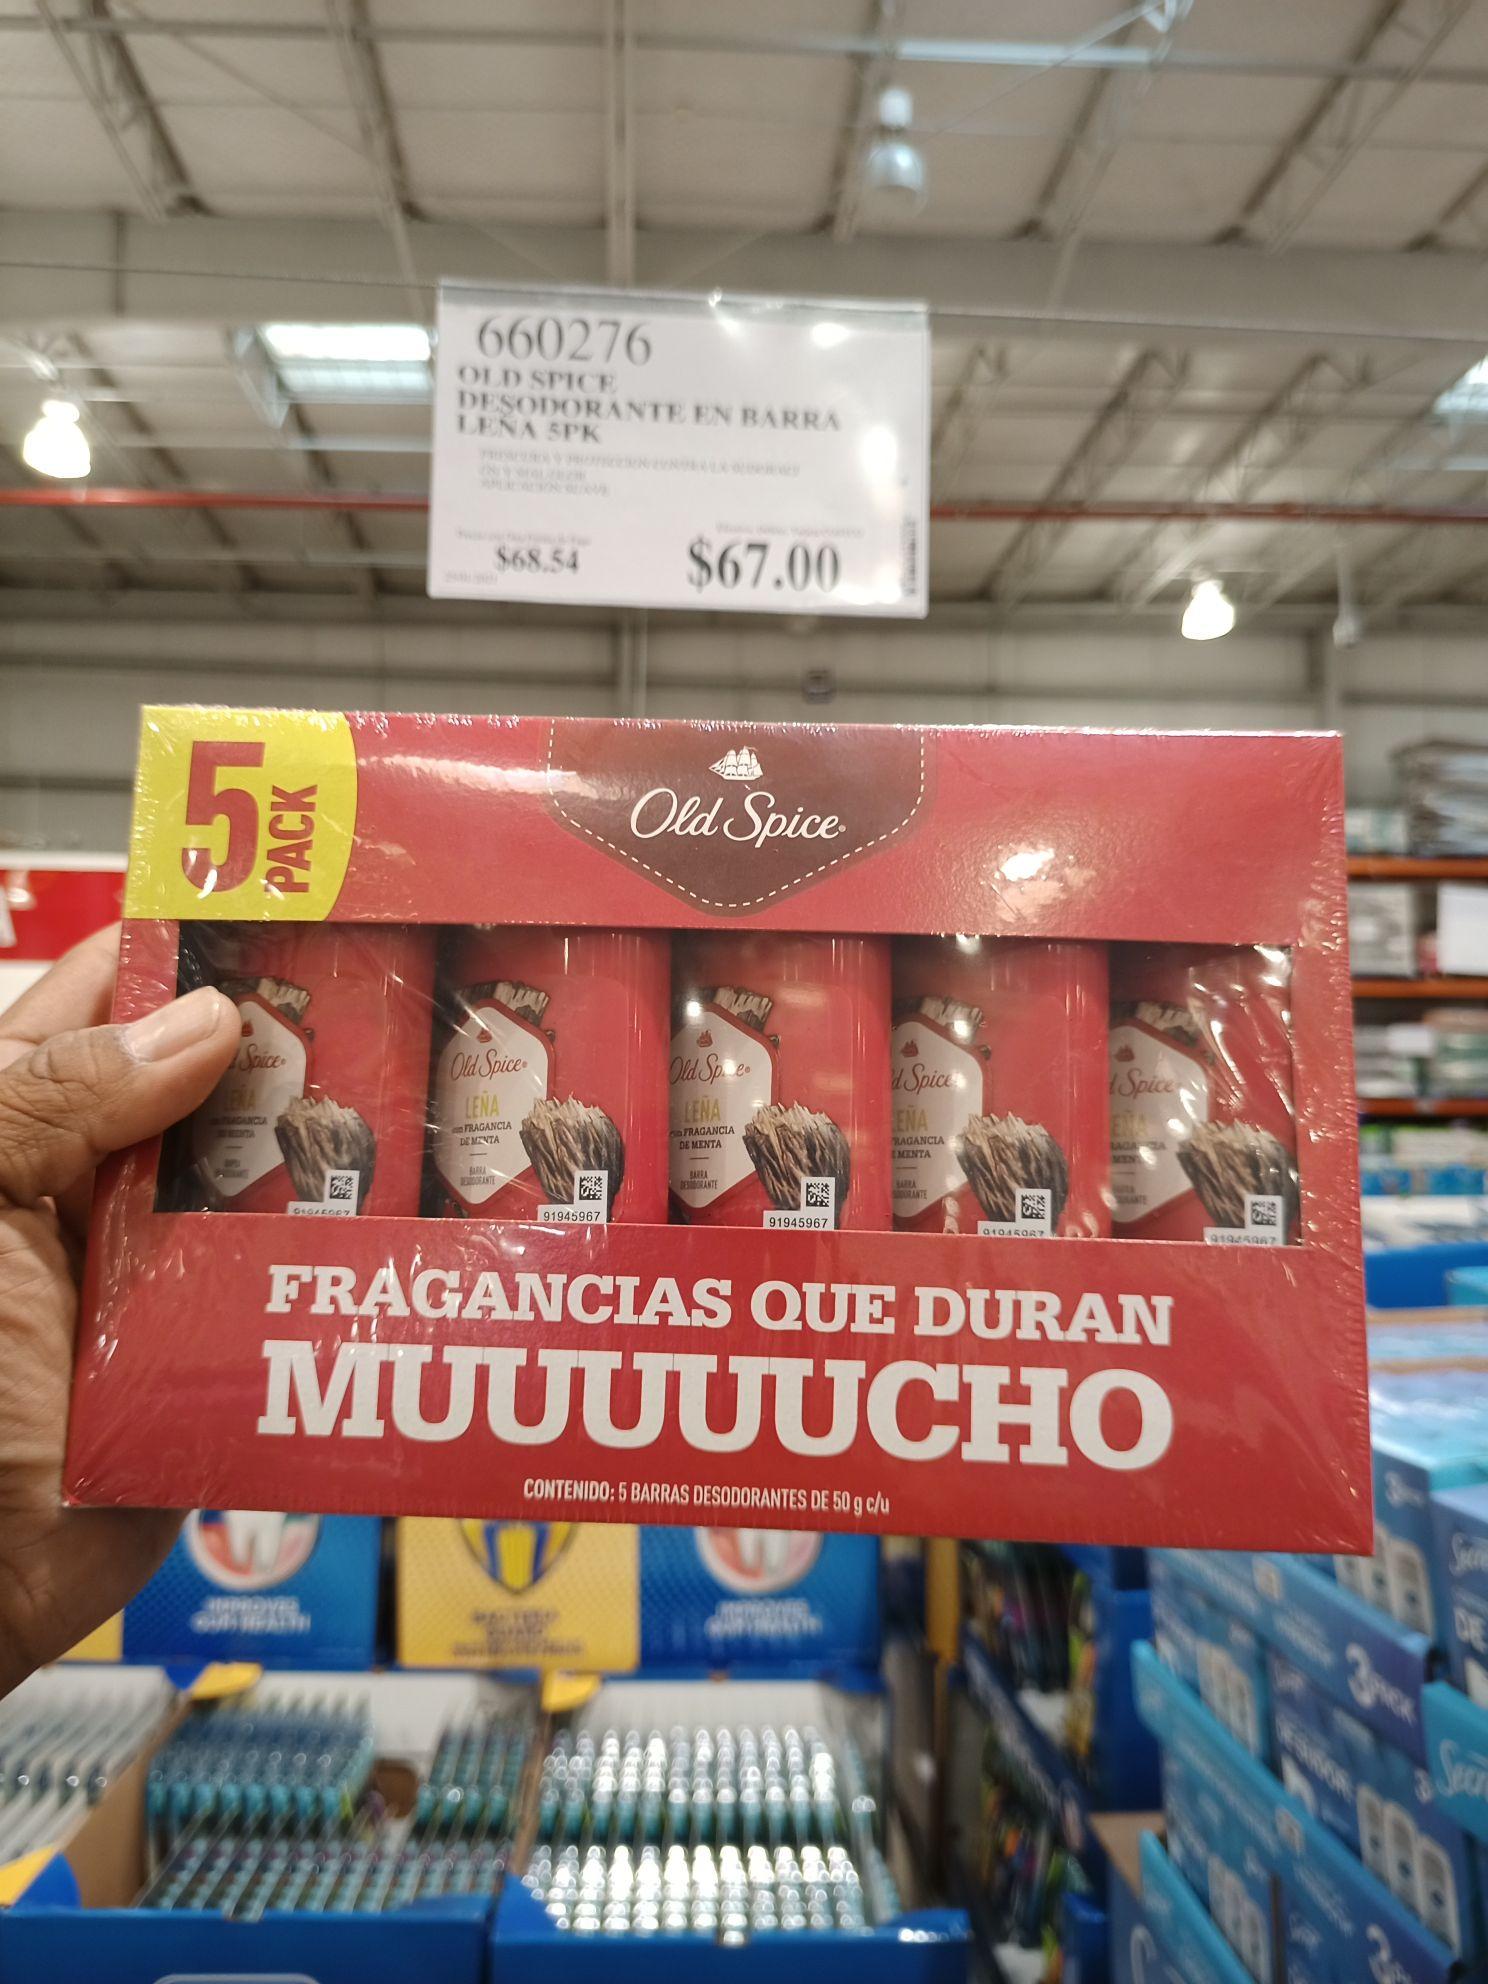 Costco Cuernavaca: 5 pack Old Spice desodorante